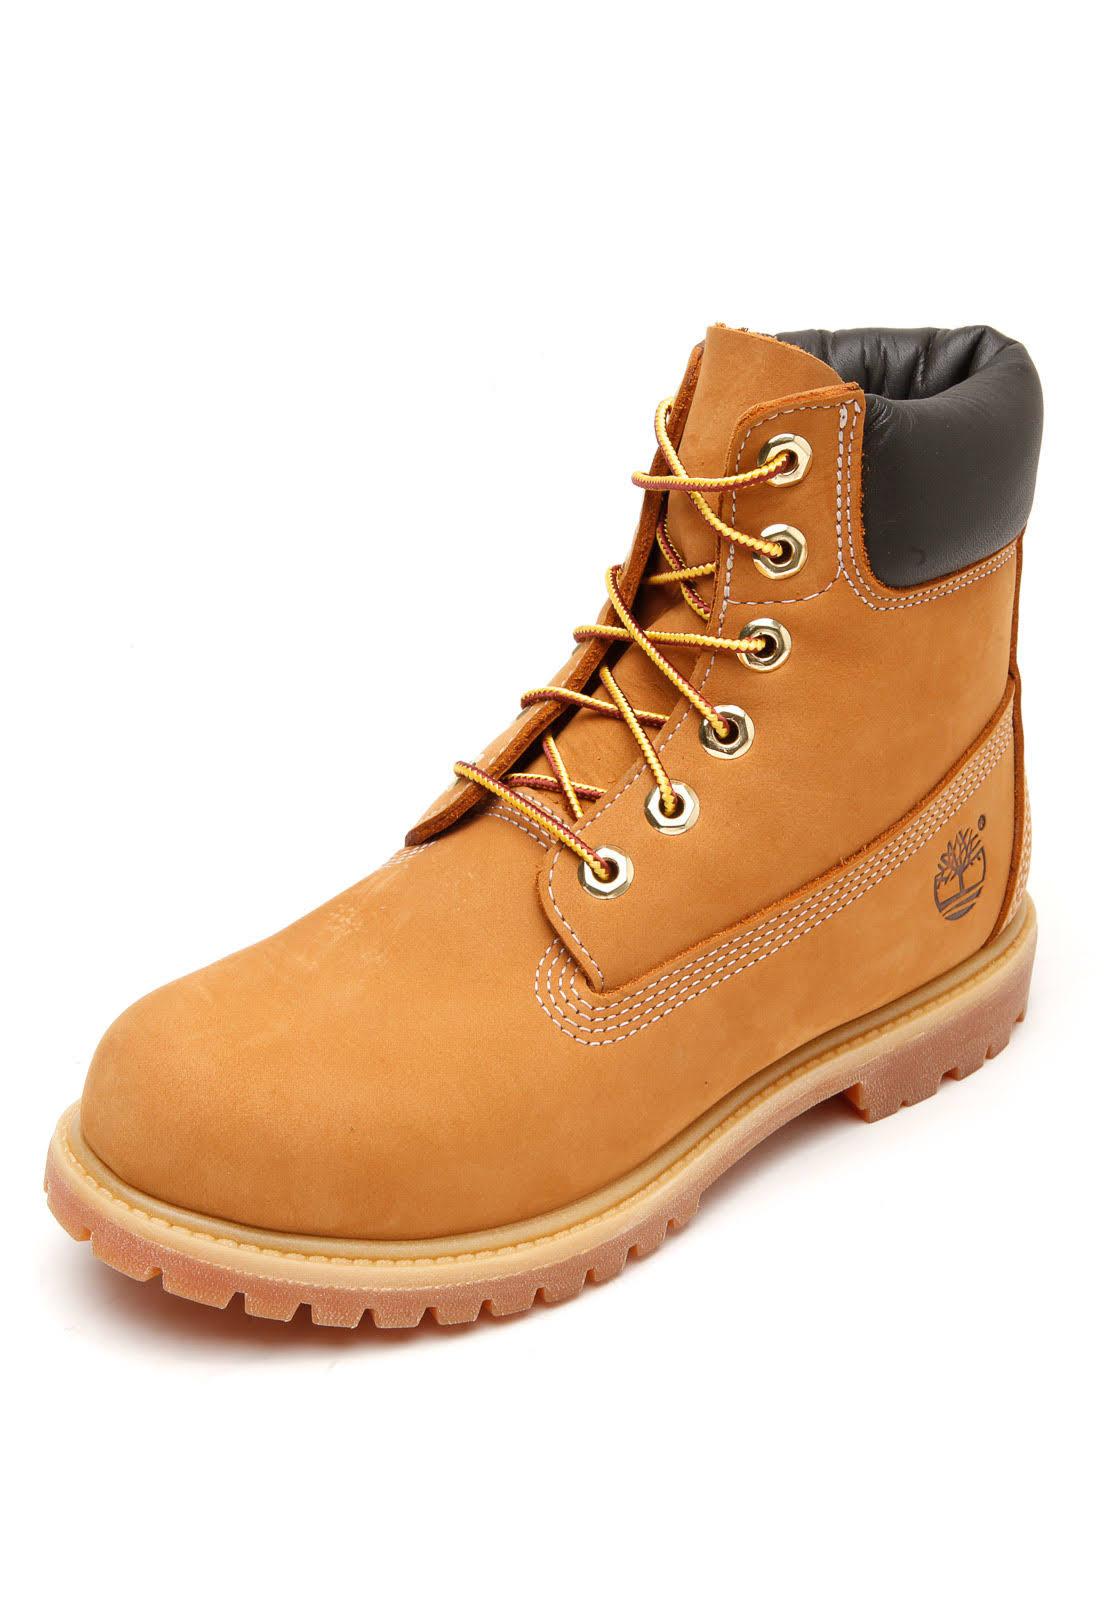 W 6 Timberland Yellow Feminino Bota Boot Premium qzVUMSp